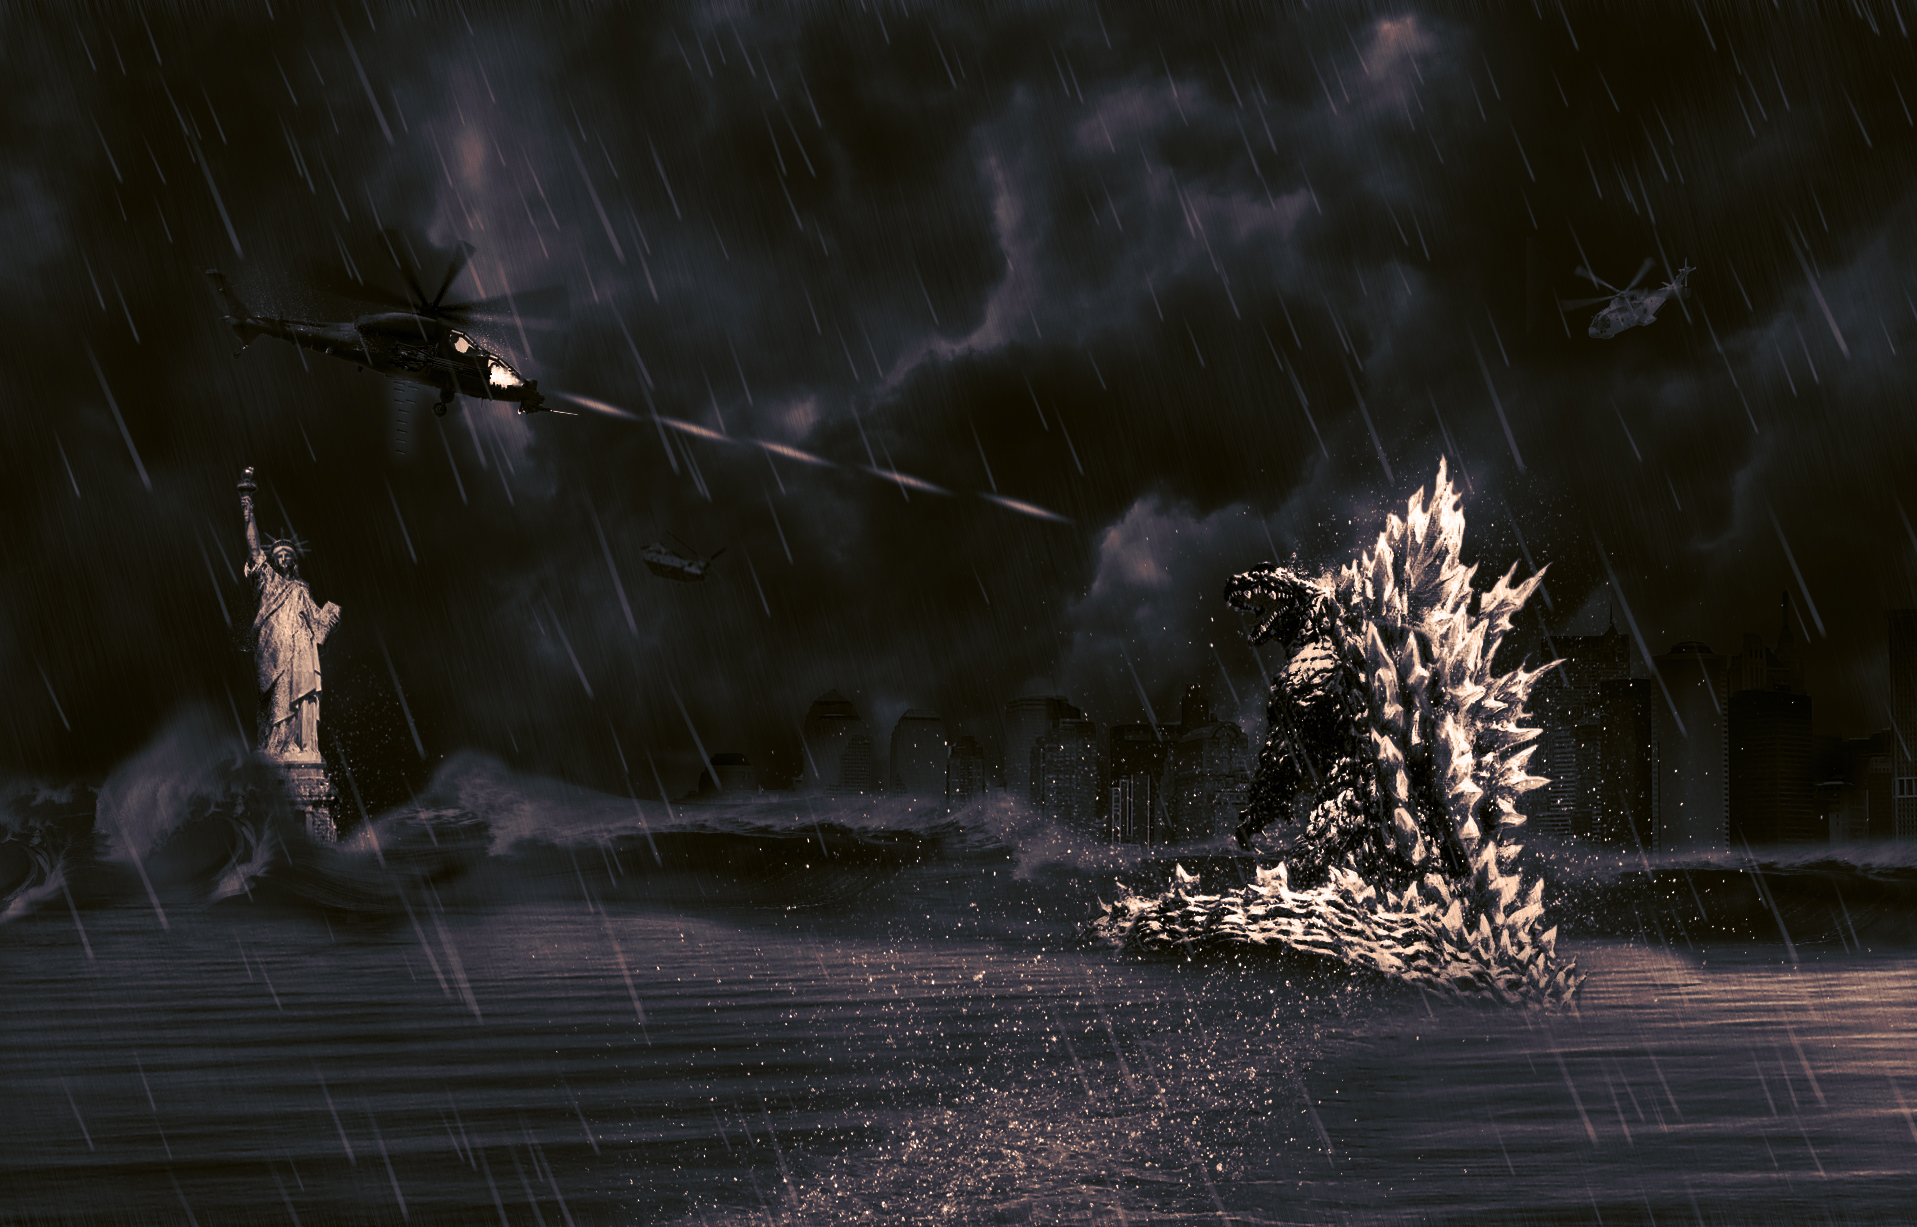 wallpaper godzilla monster dinosaur - photo #24